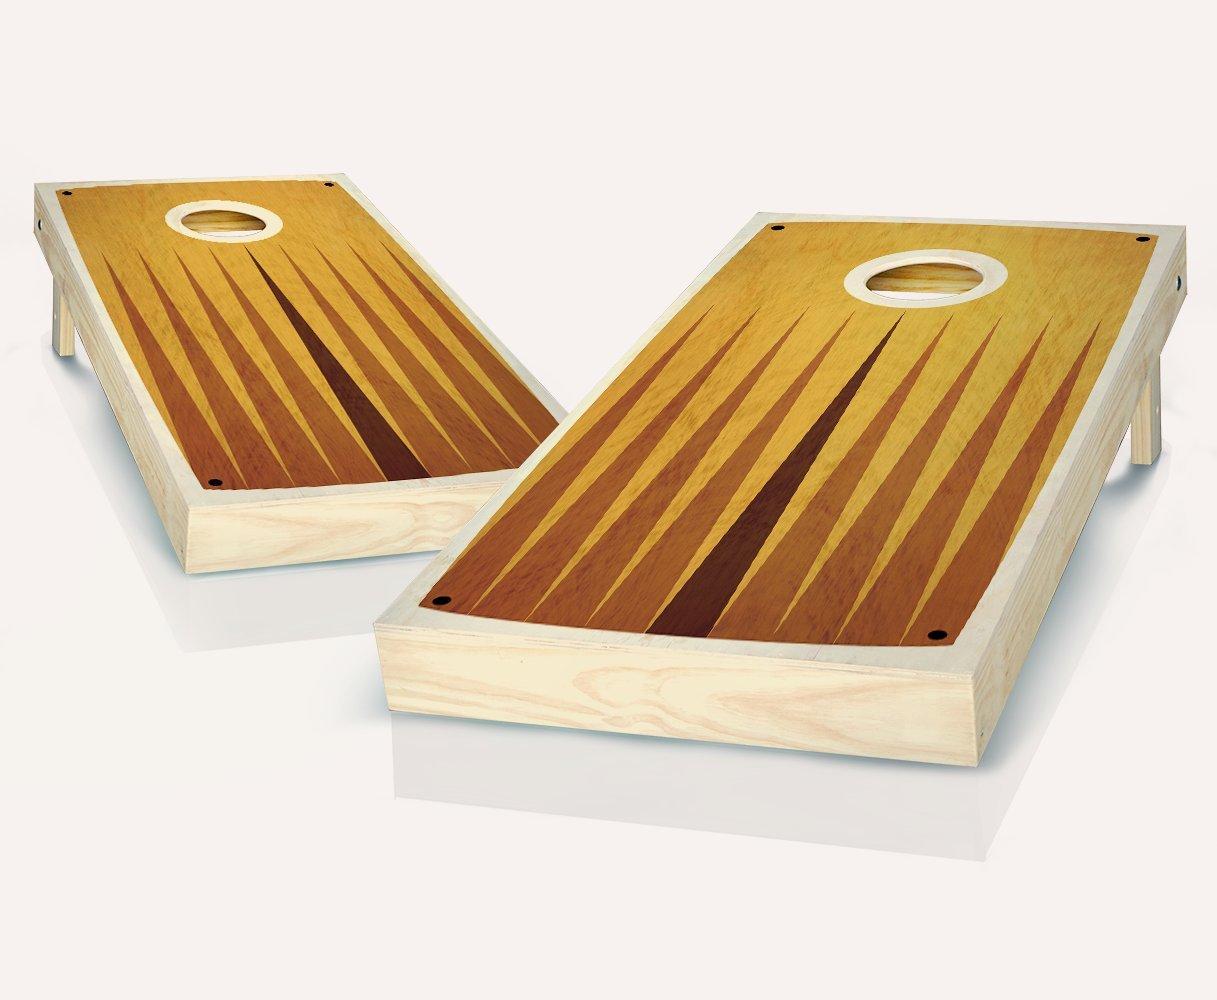 レトロStained Middle PointピラミッドCornhole Boards withのセット8 Cornhole Bags B07BFCV89D